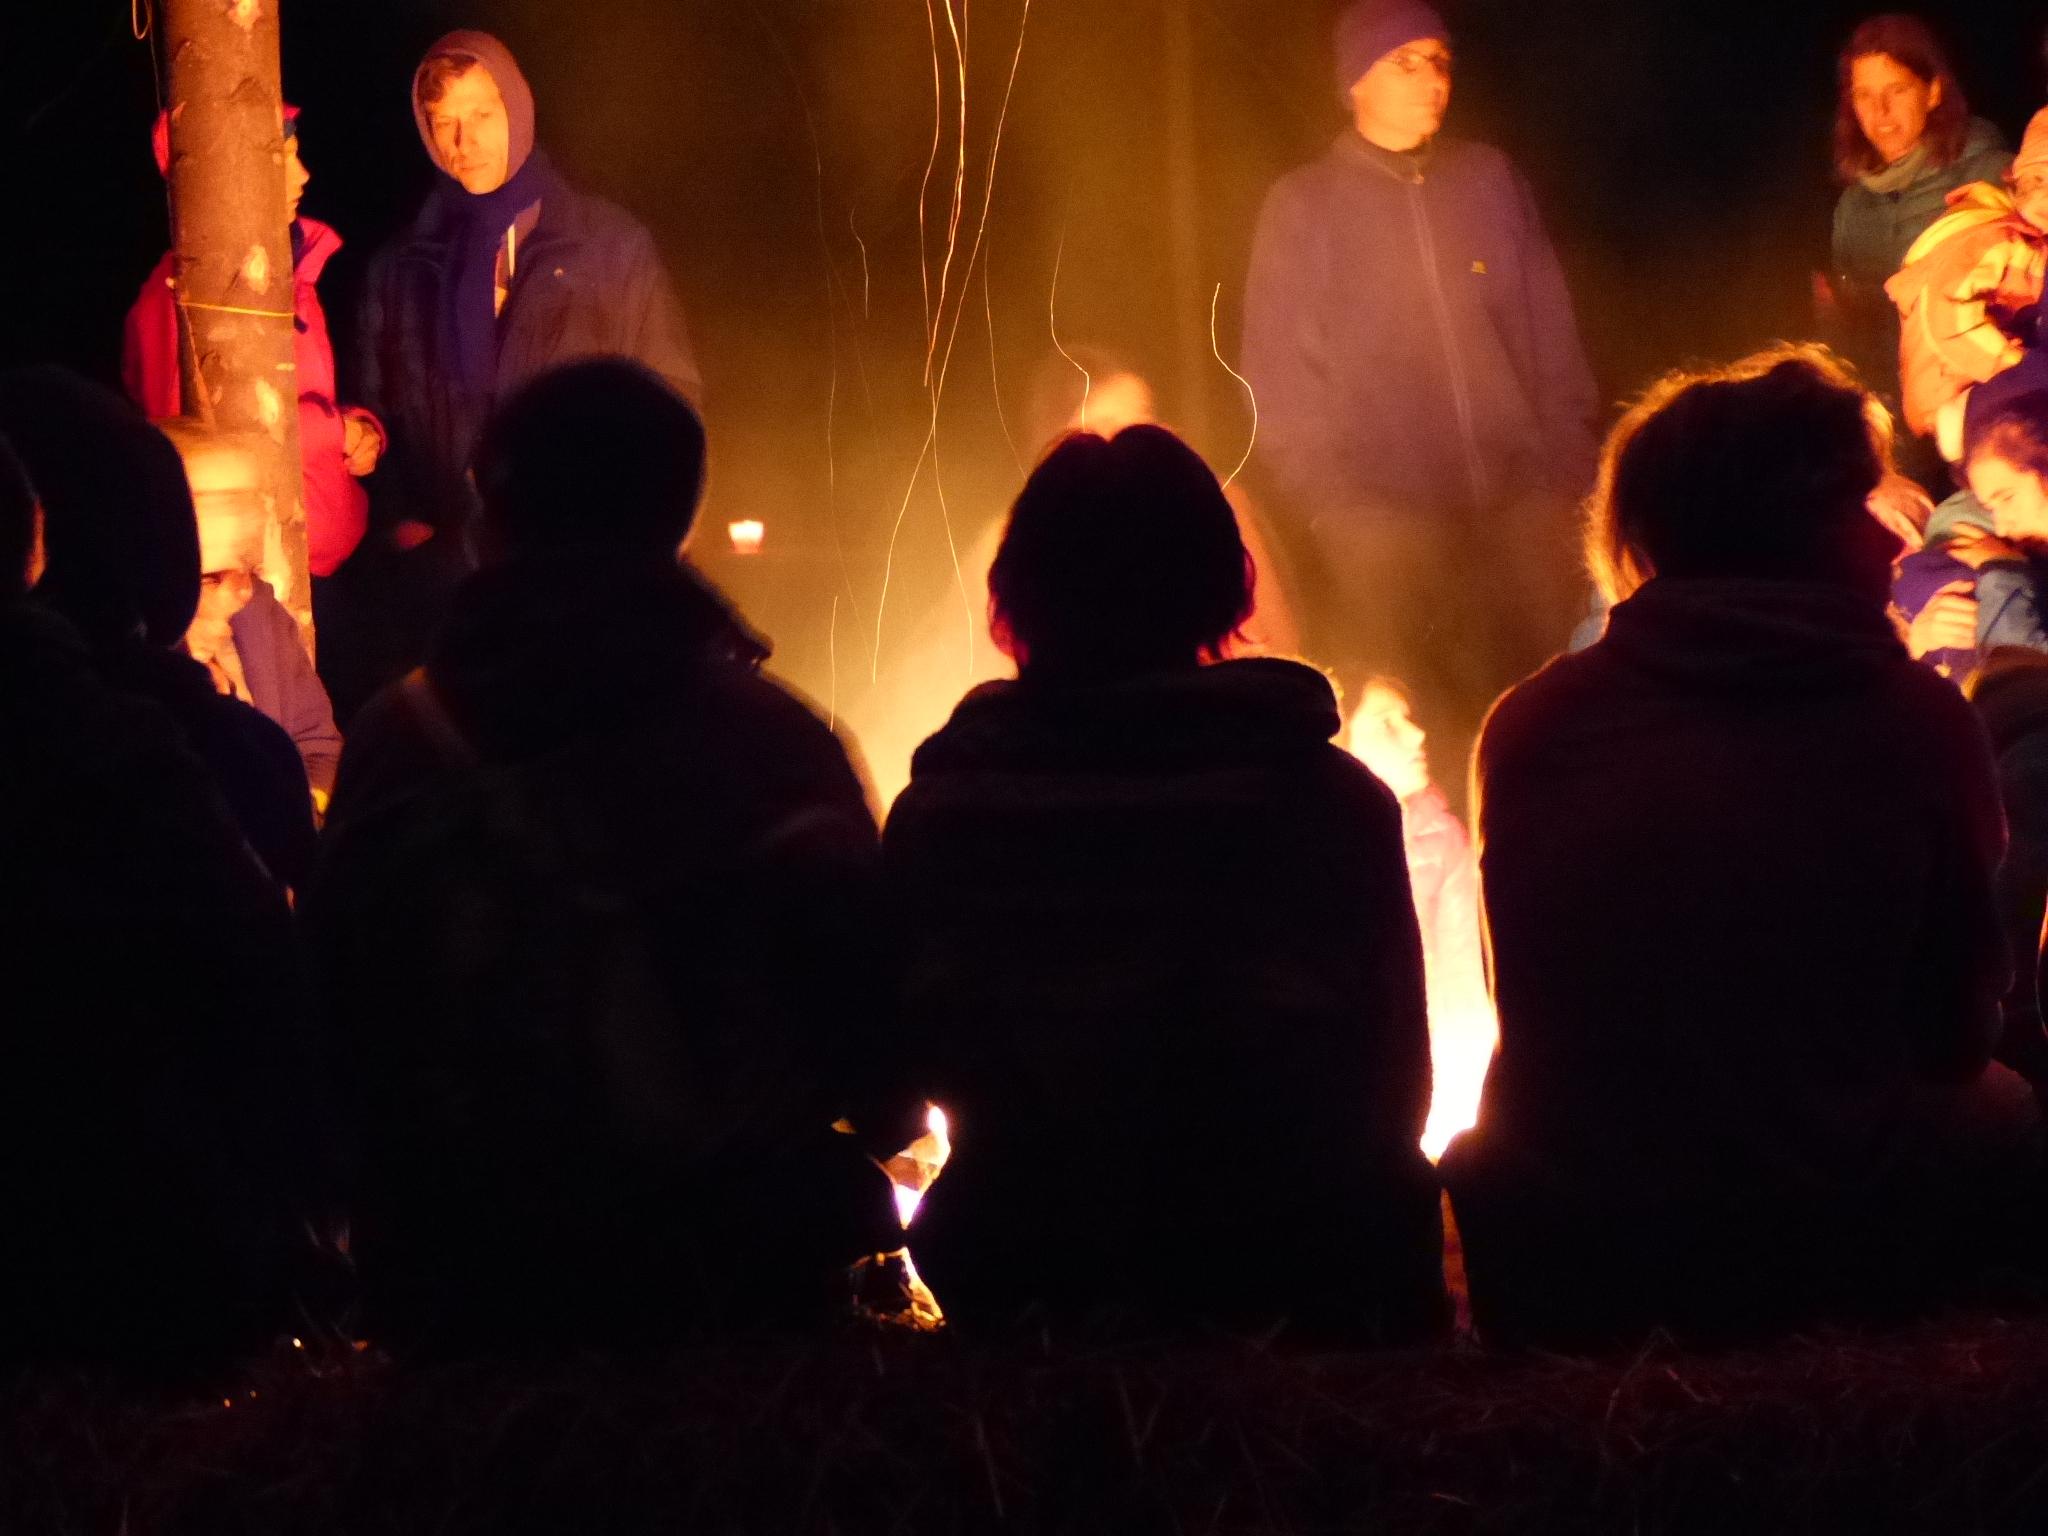 Das Knistern des Feuer im Kreis sitzend ist eine wunderbare Atmosphäre und ist gemütlich und herzberührend.